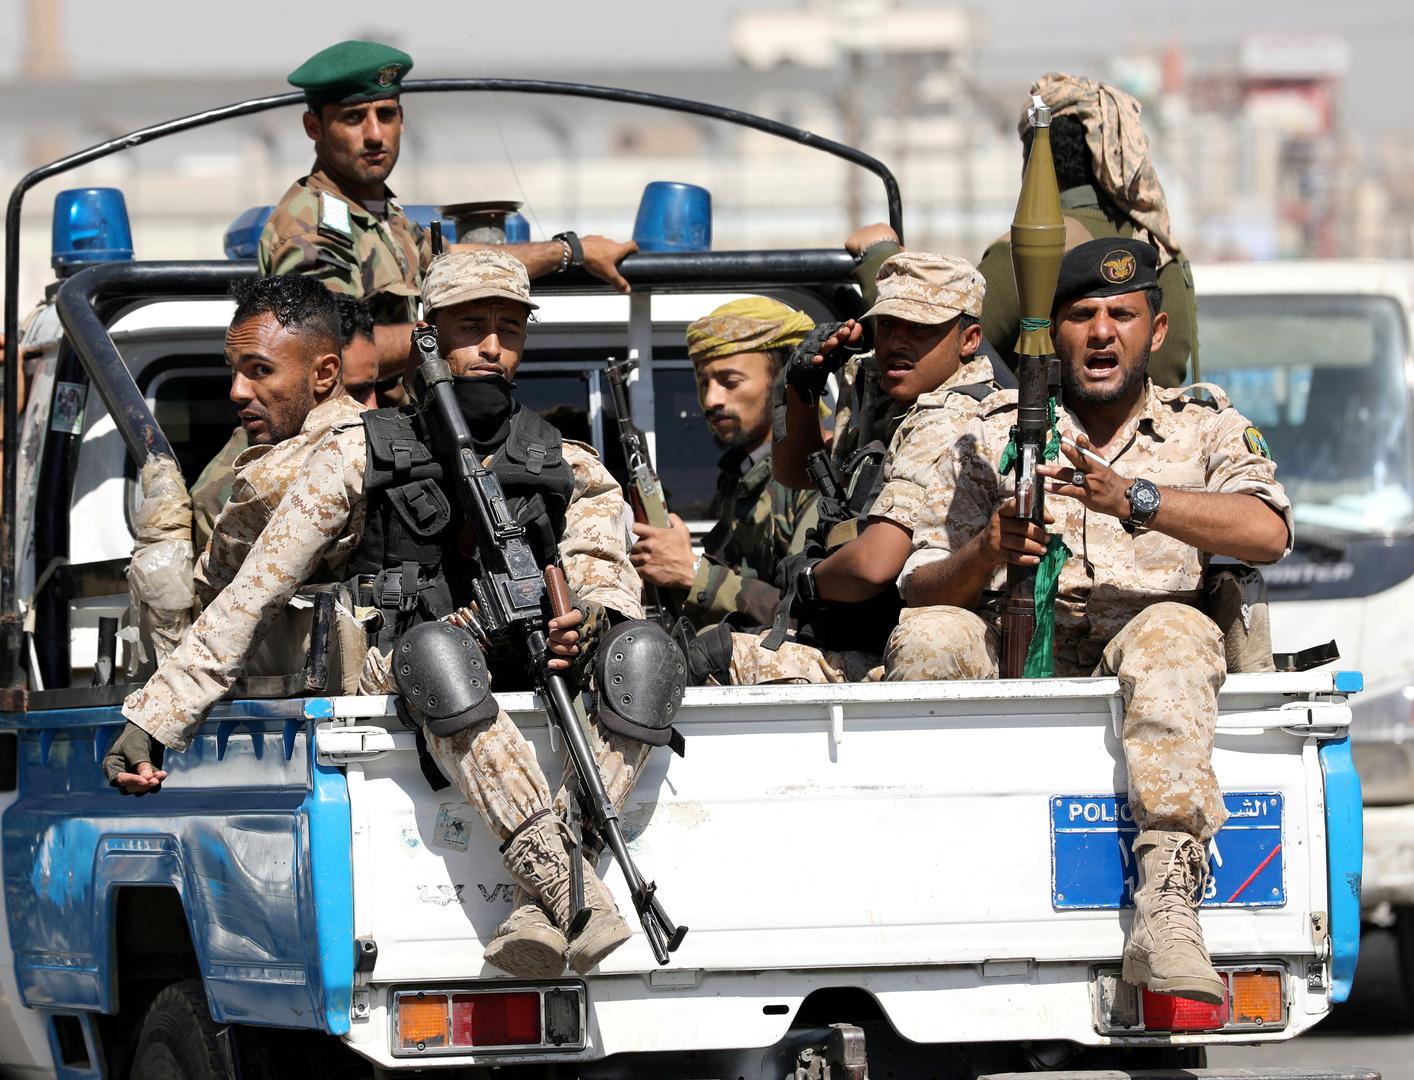 عناصر من القوات المسلحة للحوثيين في اليمن